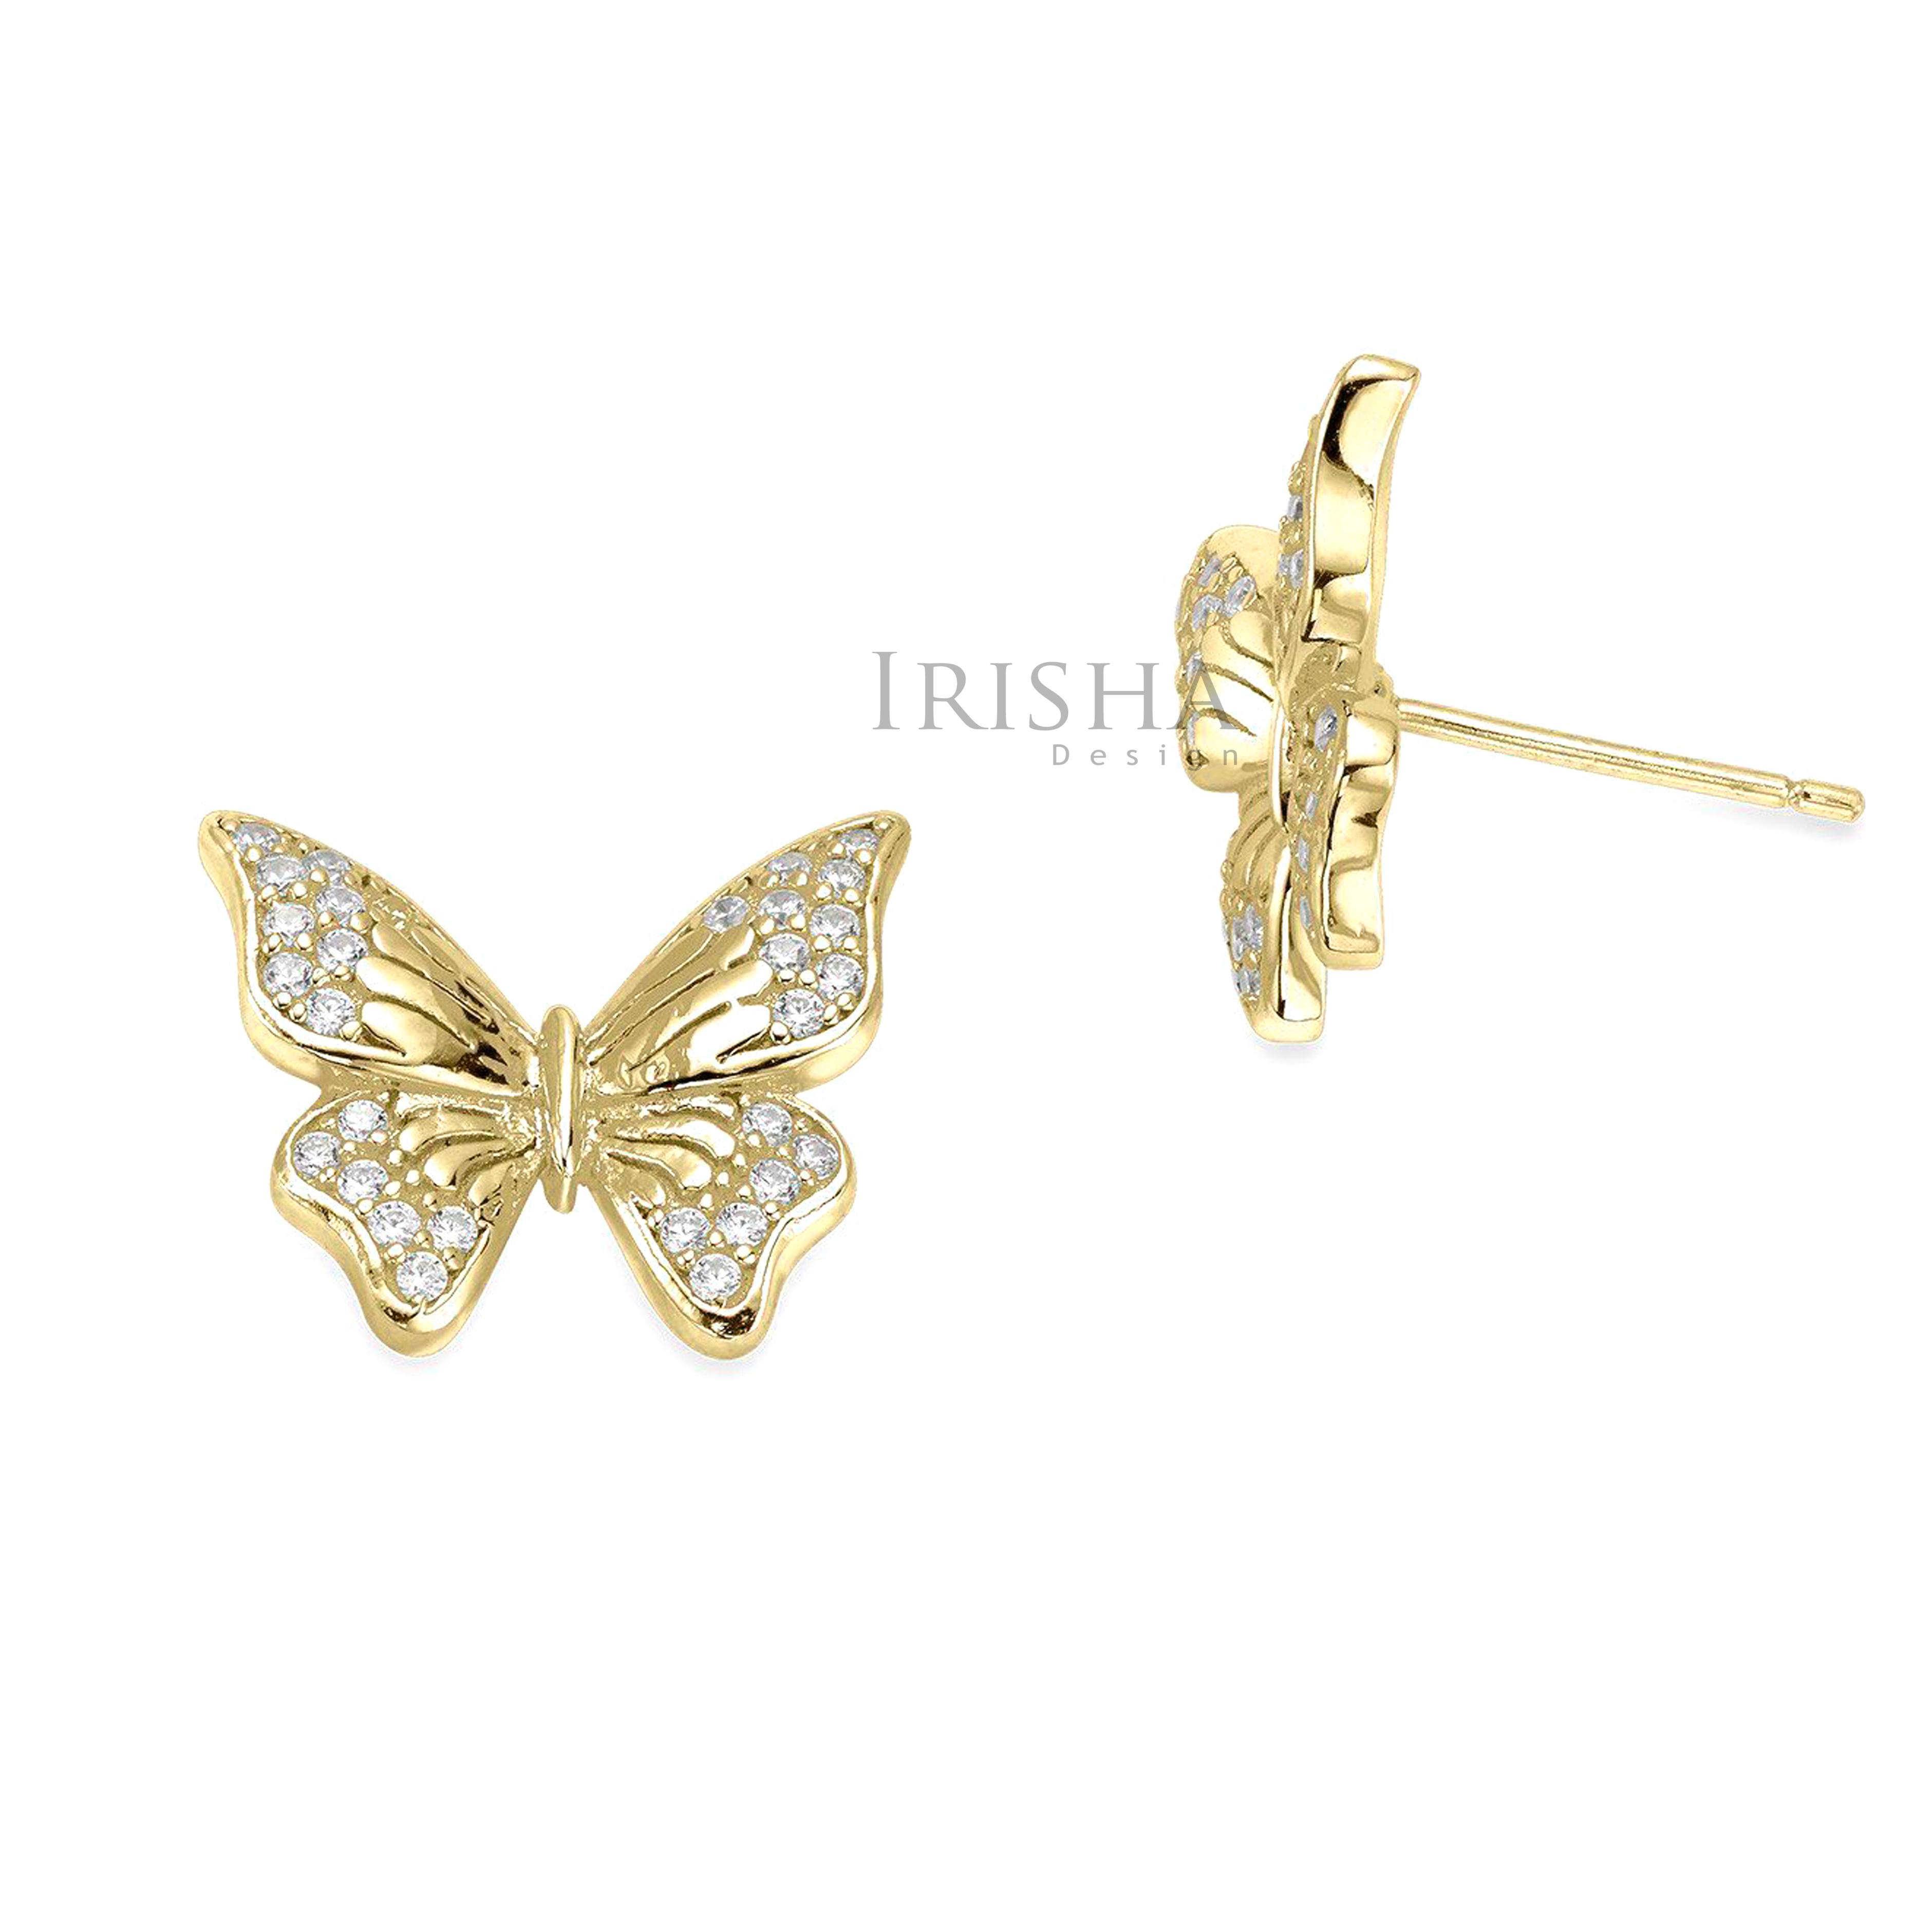 14K Gold 0.24 Ct. Genuine Diamond Butterfly Studs Earrings Fine Jewelry